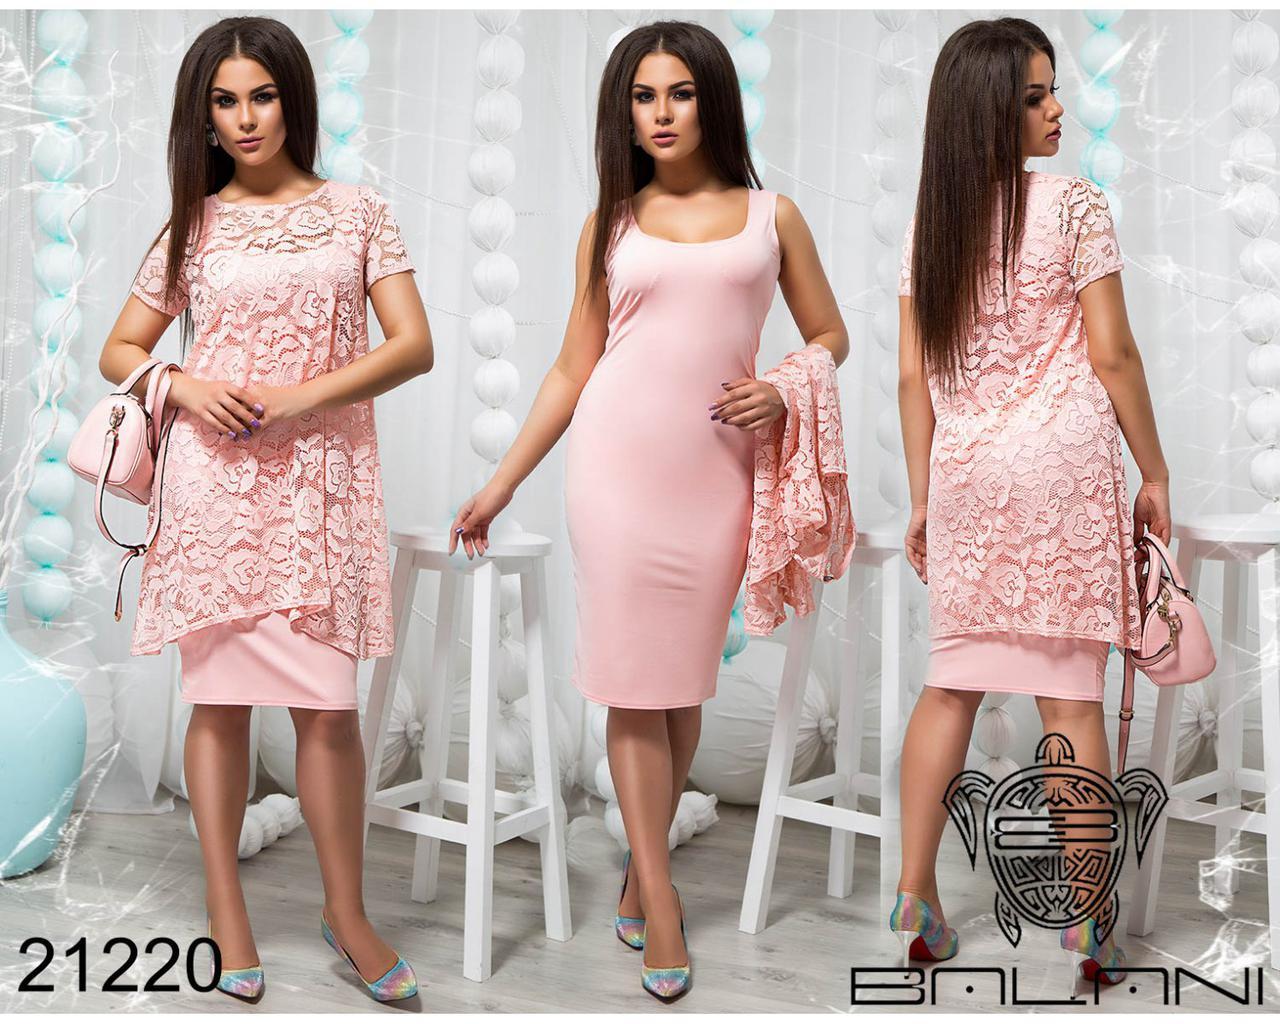 2fca46d48c97 Нарядное платье с гипюром недорого от Производителя в интернет-магазине  Украина Россия СНГ р.